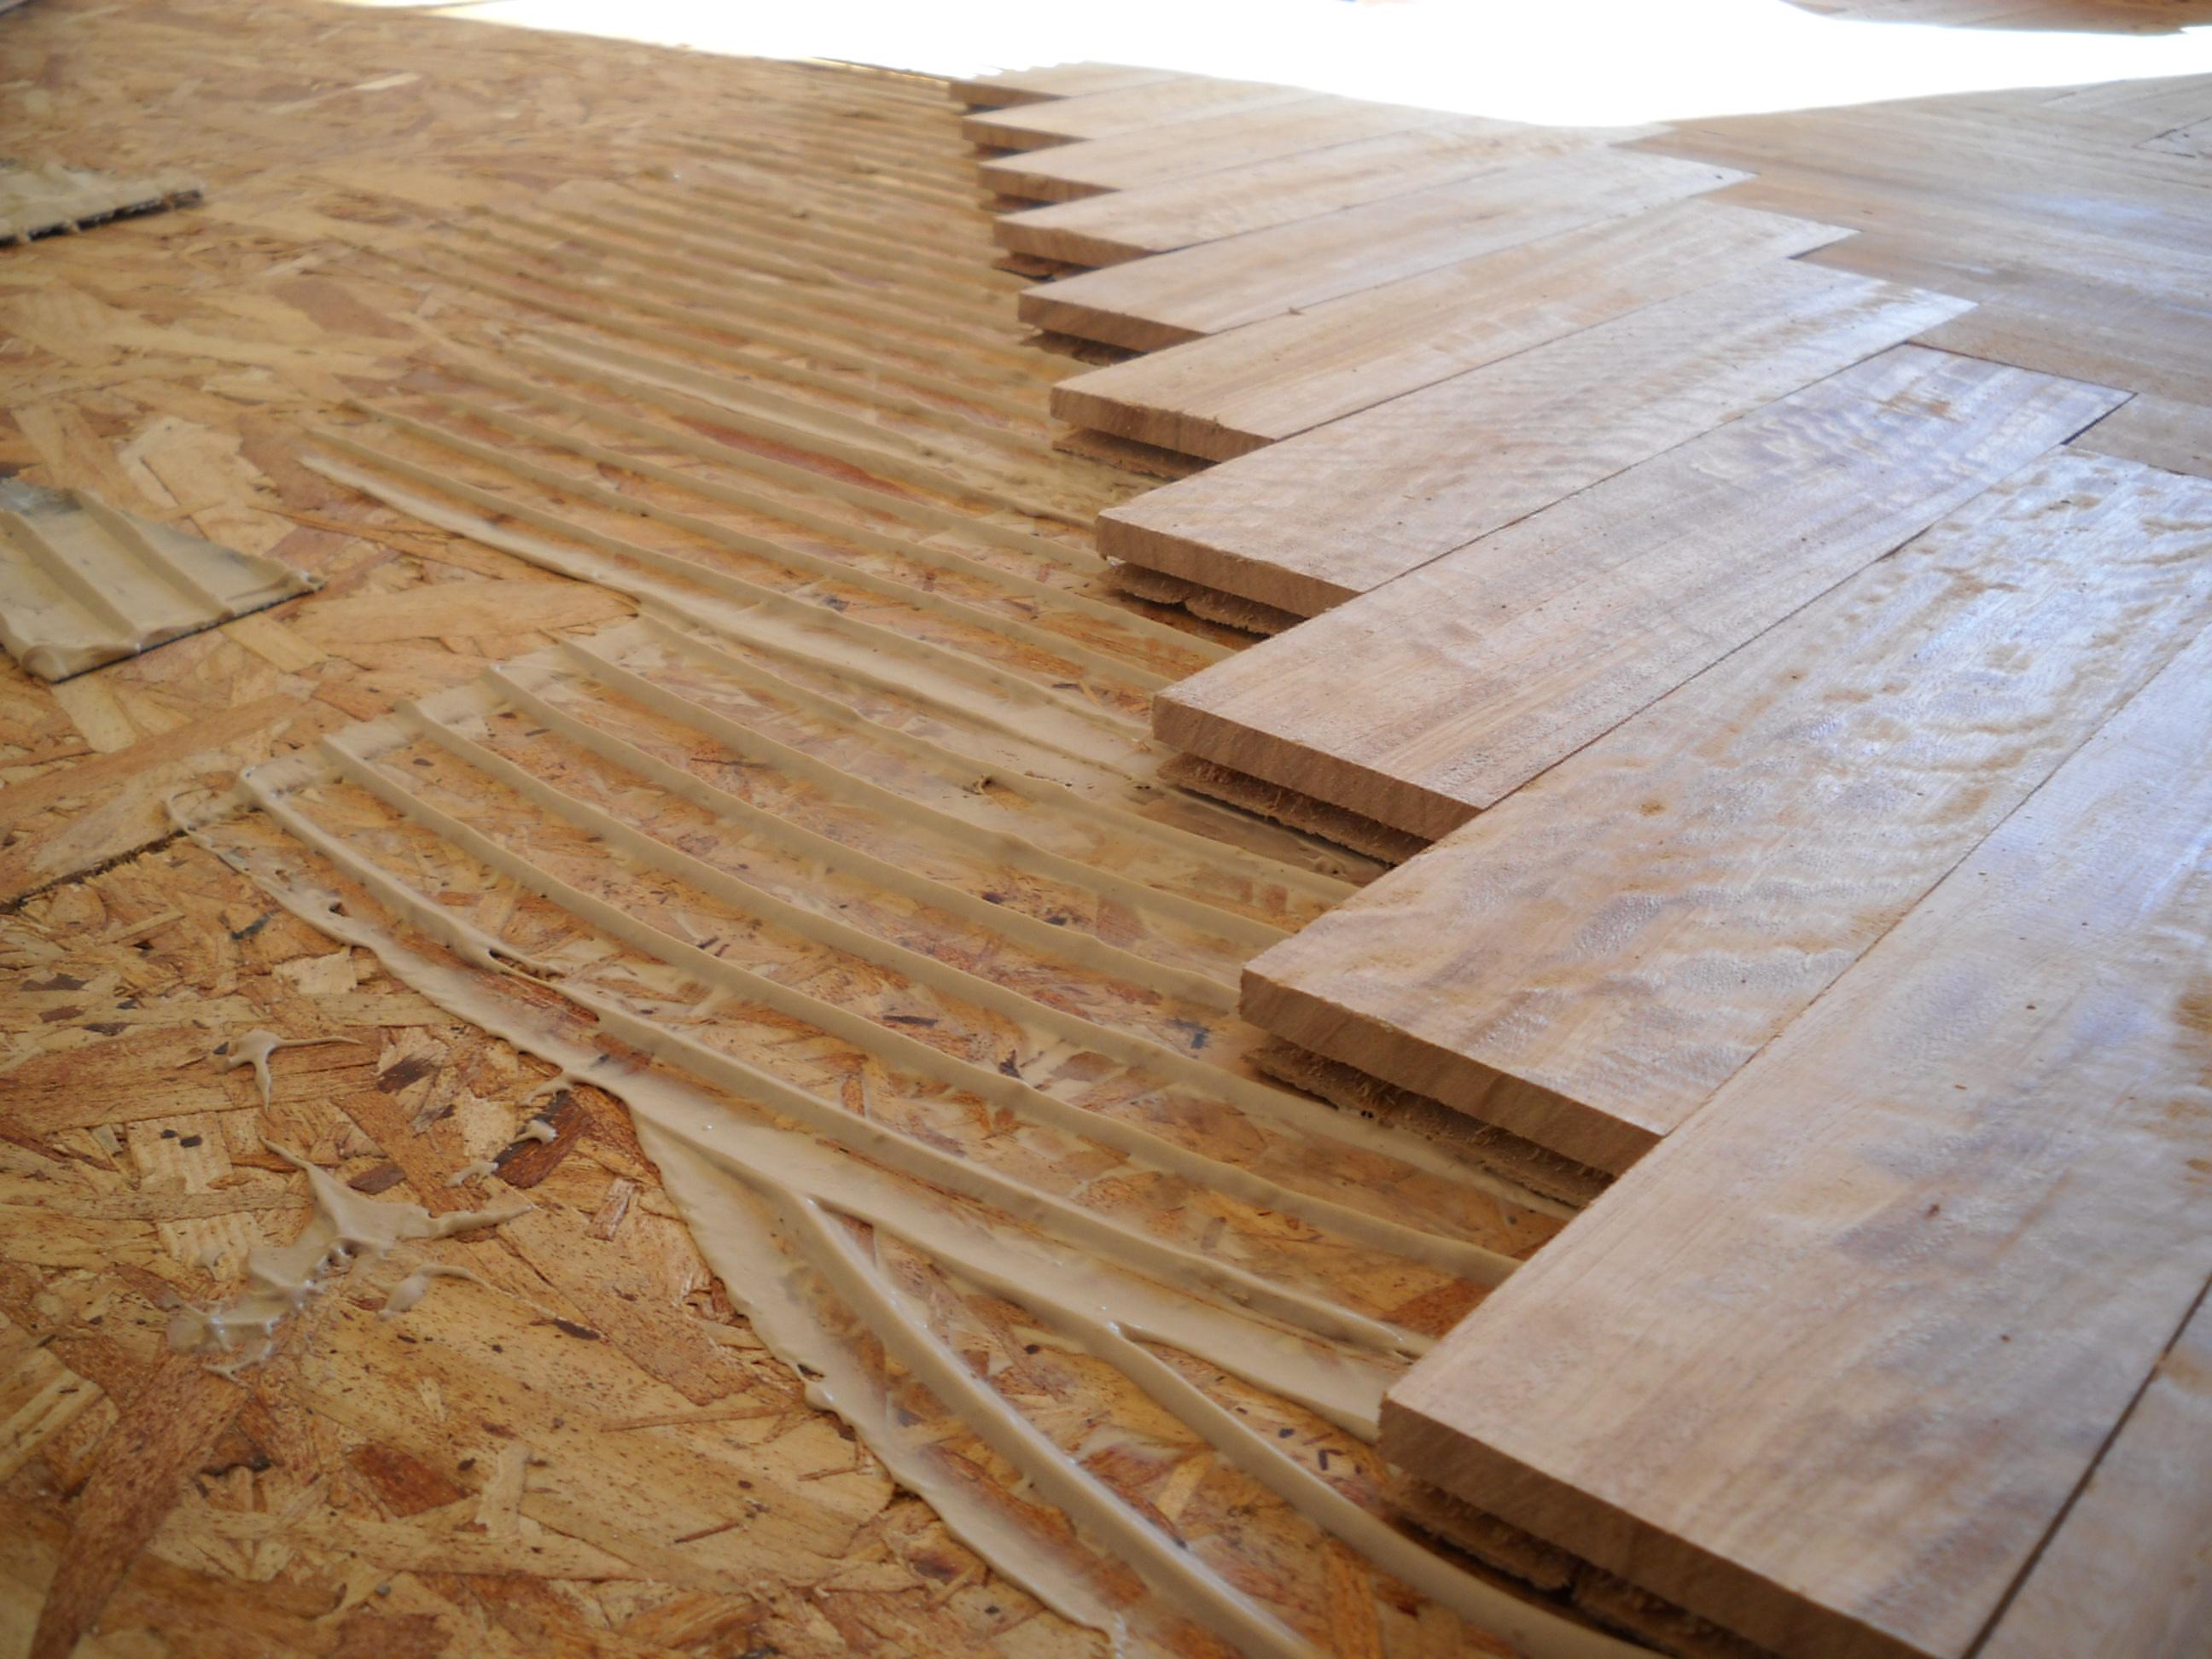 Piso para ba o de madera for Pisos para interiores tipo madera